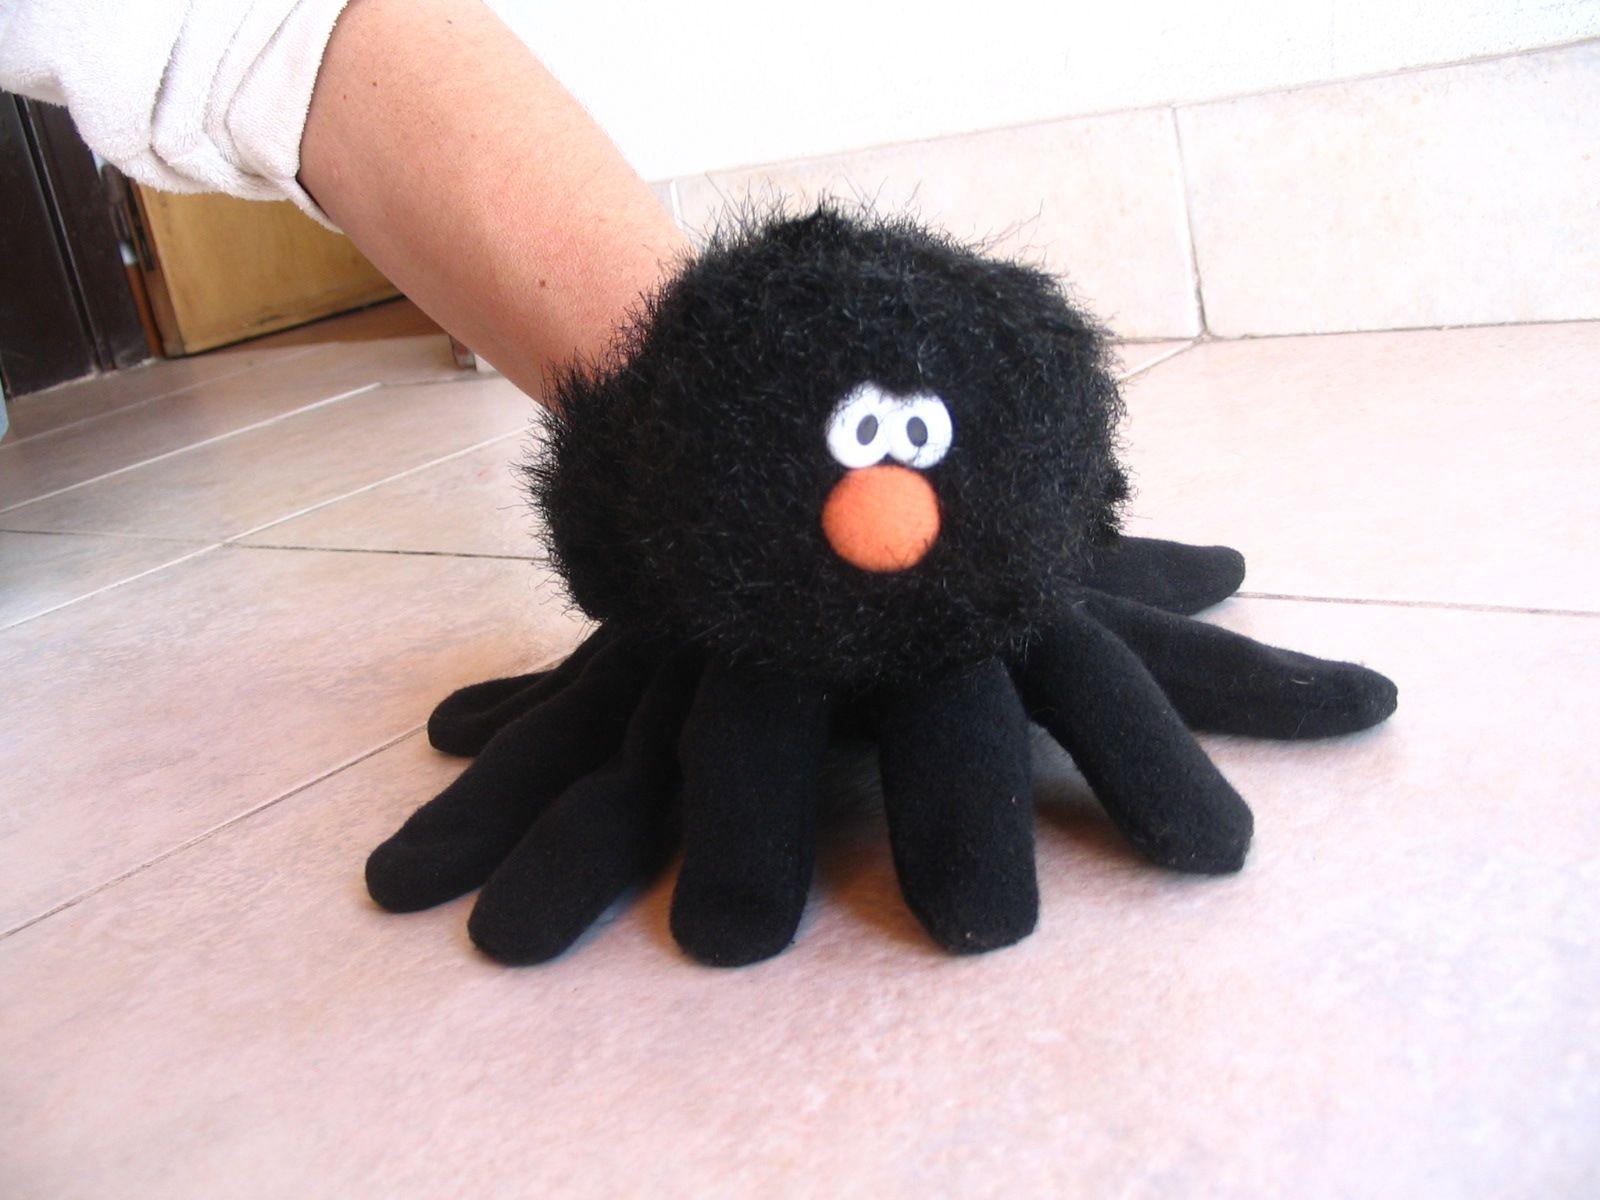 Titere guante t teres pinterest guantes marioneta y - Como hacer marionetas de mano ...